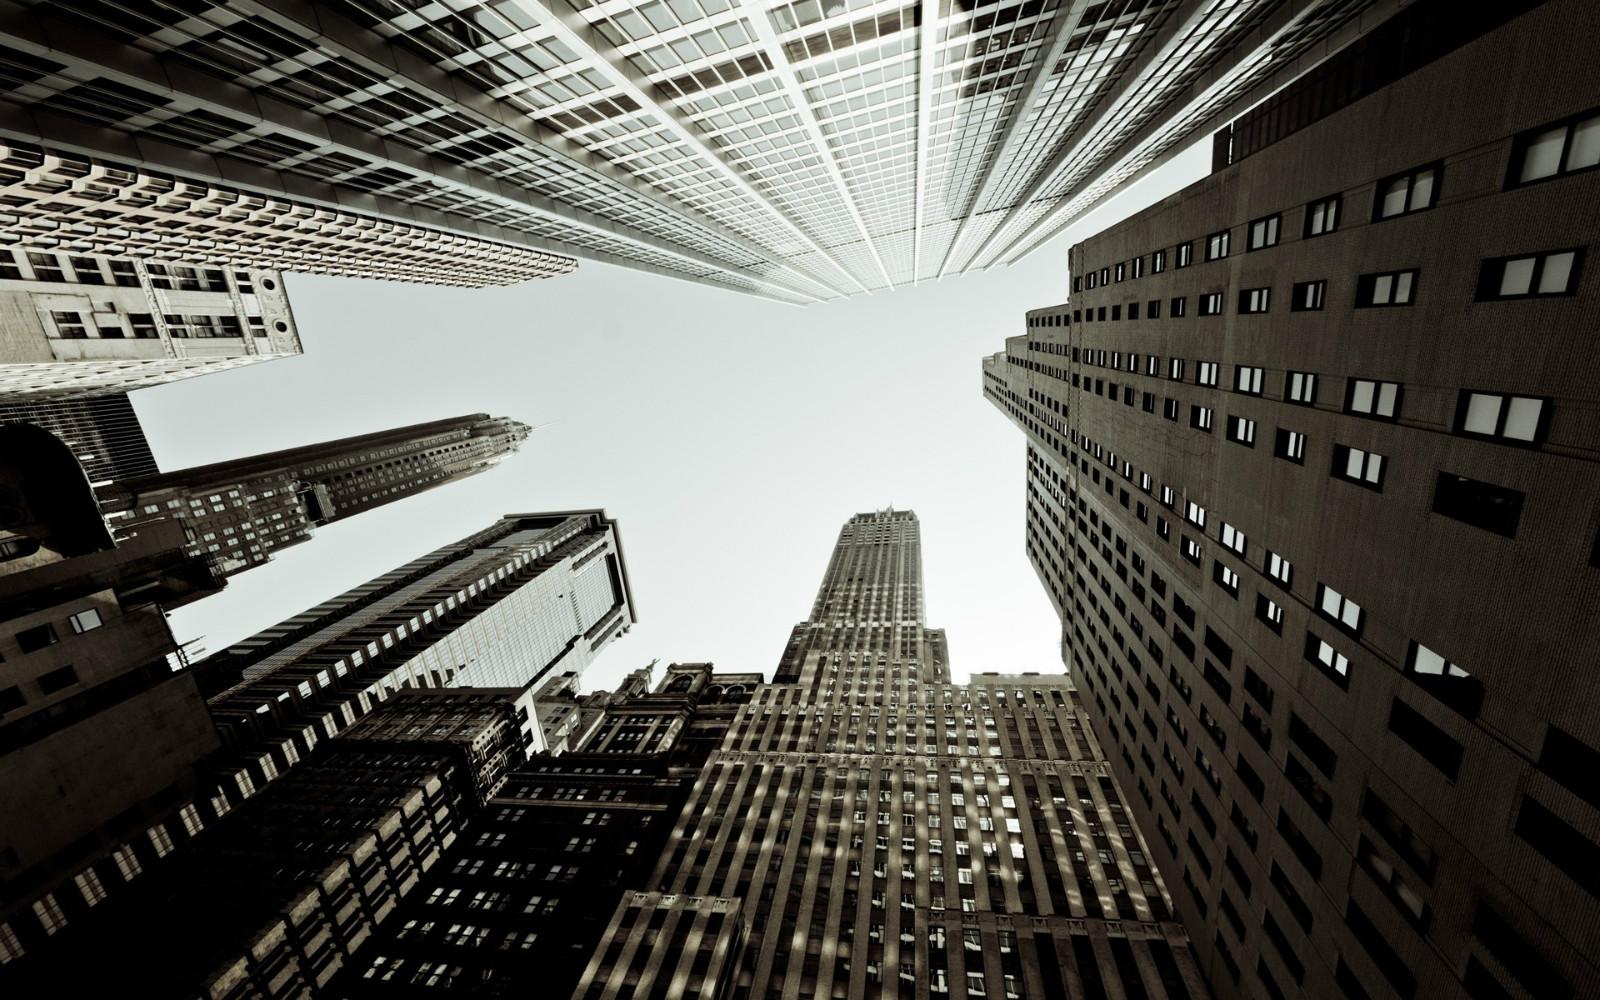 监管新架构下楼市健康发展和风险释放如何拿捏?